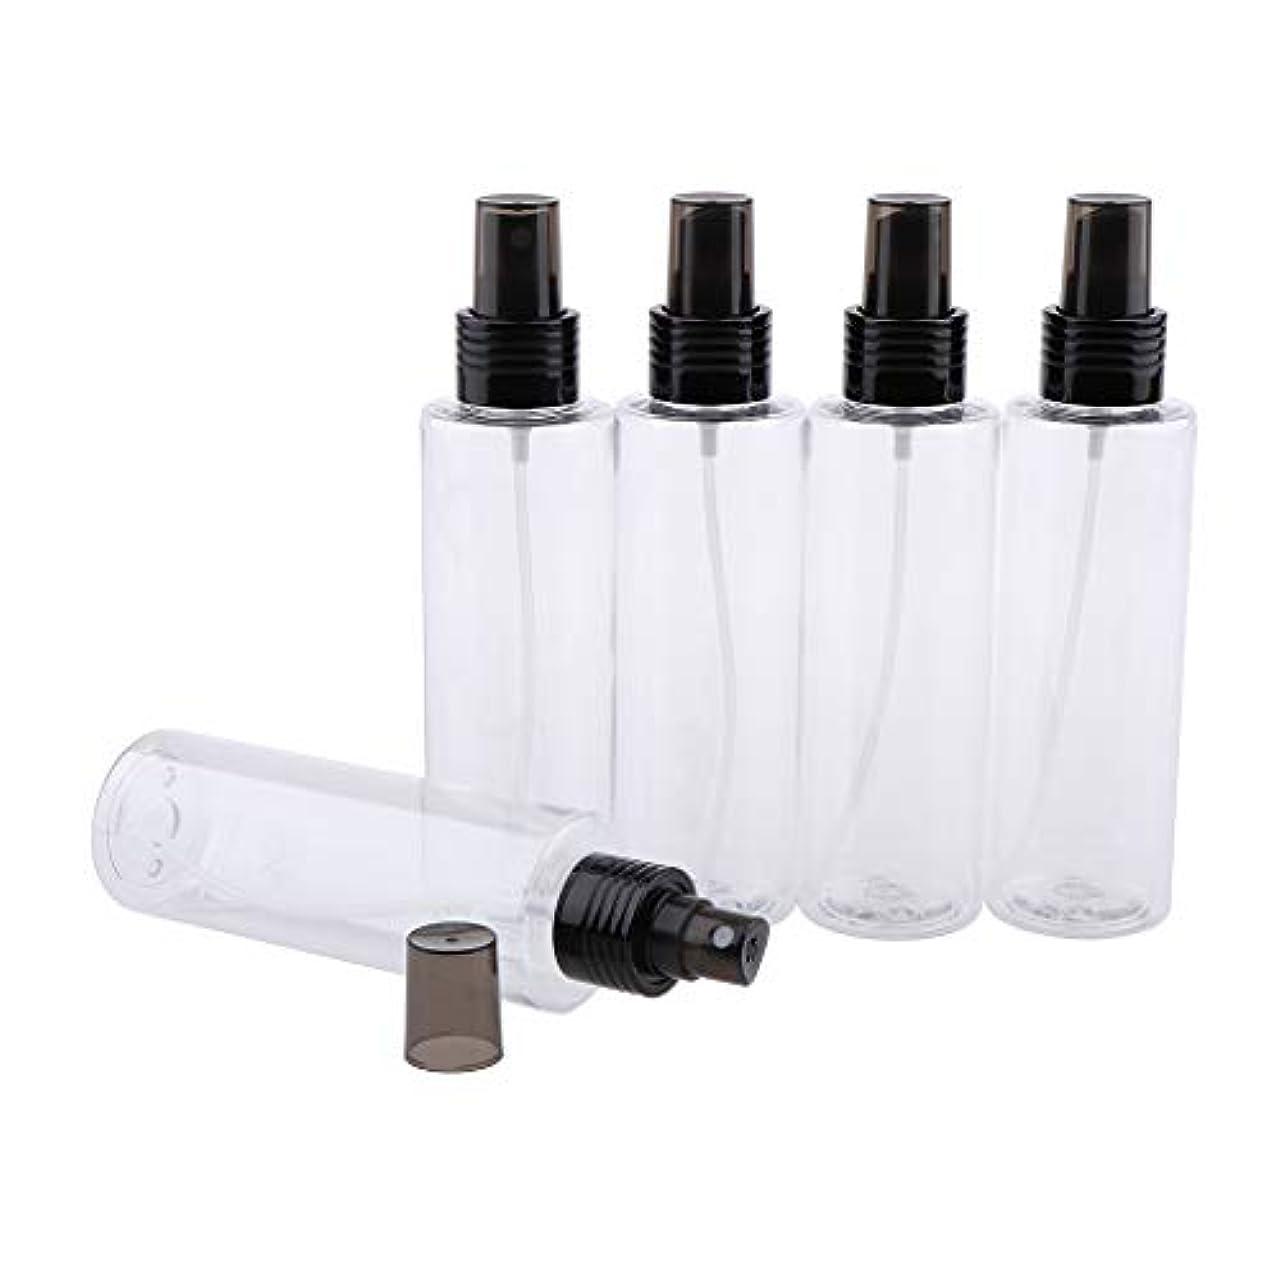 価格死ぬラックFutuHome 5ピース旅行ボトル空のクリアプラスチックファインミストスプレーボトル用クリーニング、旅行、精油、香水 - 150ML